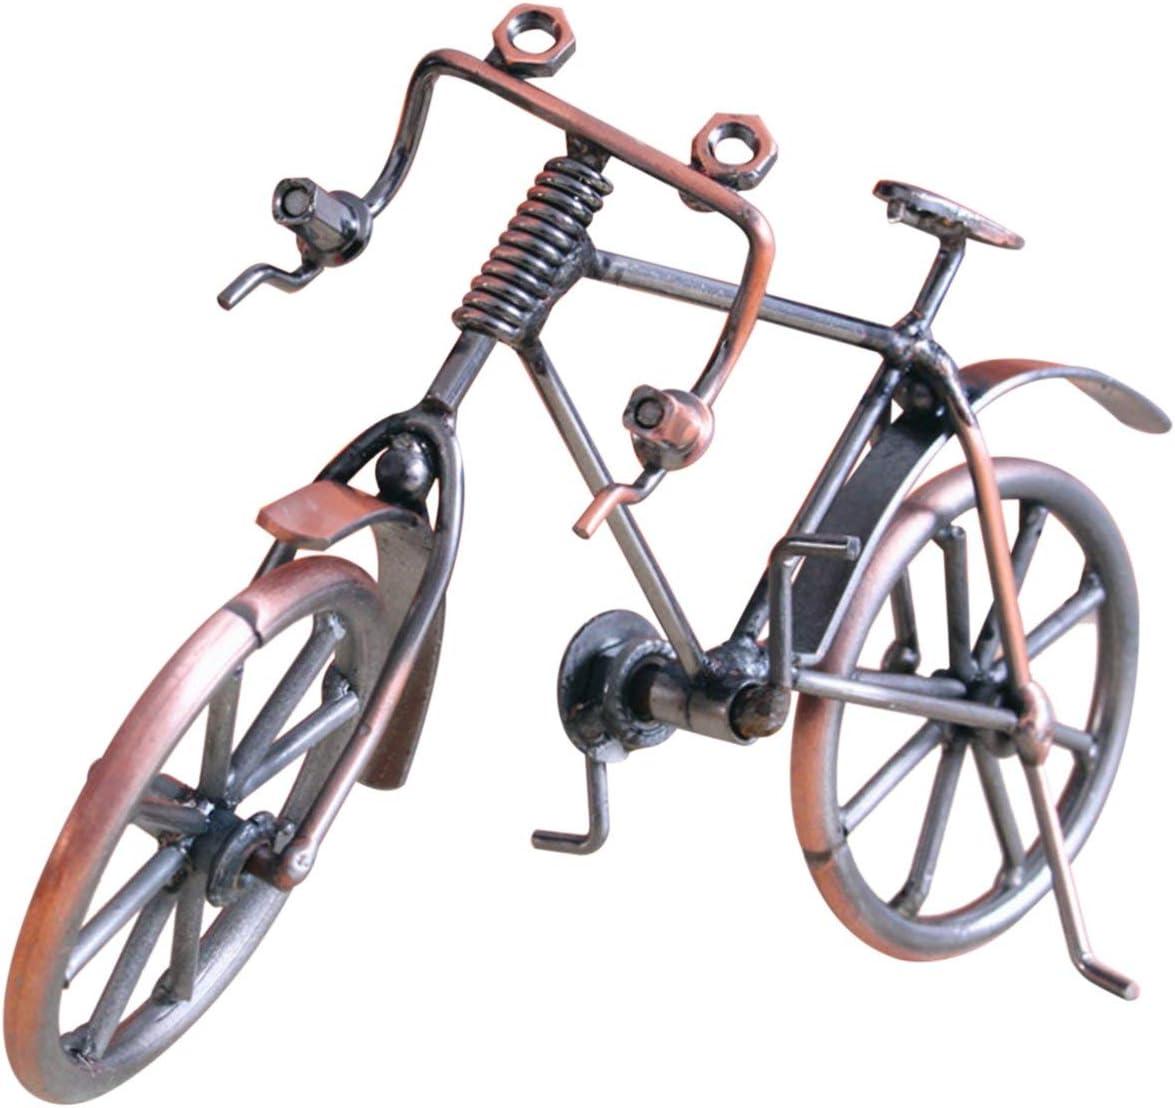 LoveOlvido Modelo de Bicicleta Antigua Metal Craft Decoración del hogar Bicicleta Figurita Miniaturas Niños Cumpleaños Juguete Regalos Pantalla de Escritorio Craft - Color Cobre